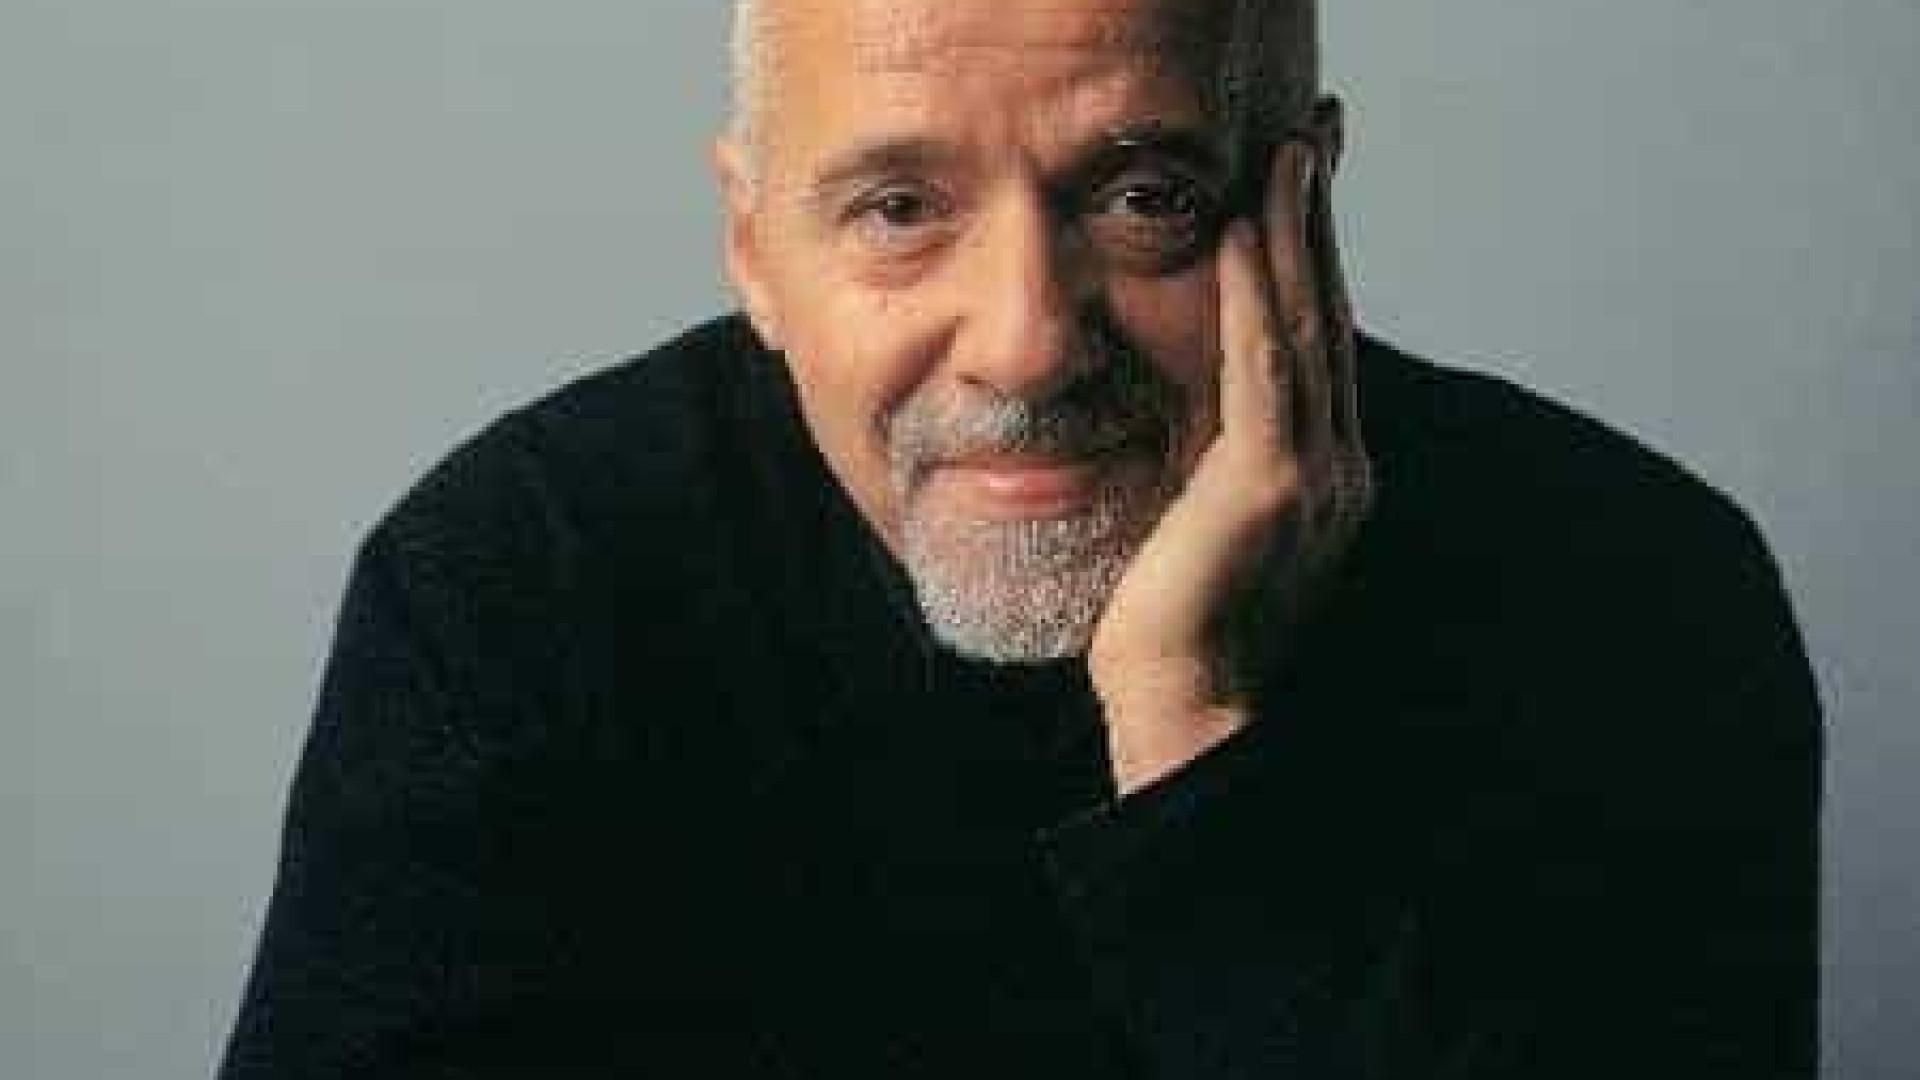 Queima de livros de Paulo Coelho representa um 'símbolo de horror', diz ABL